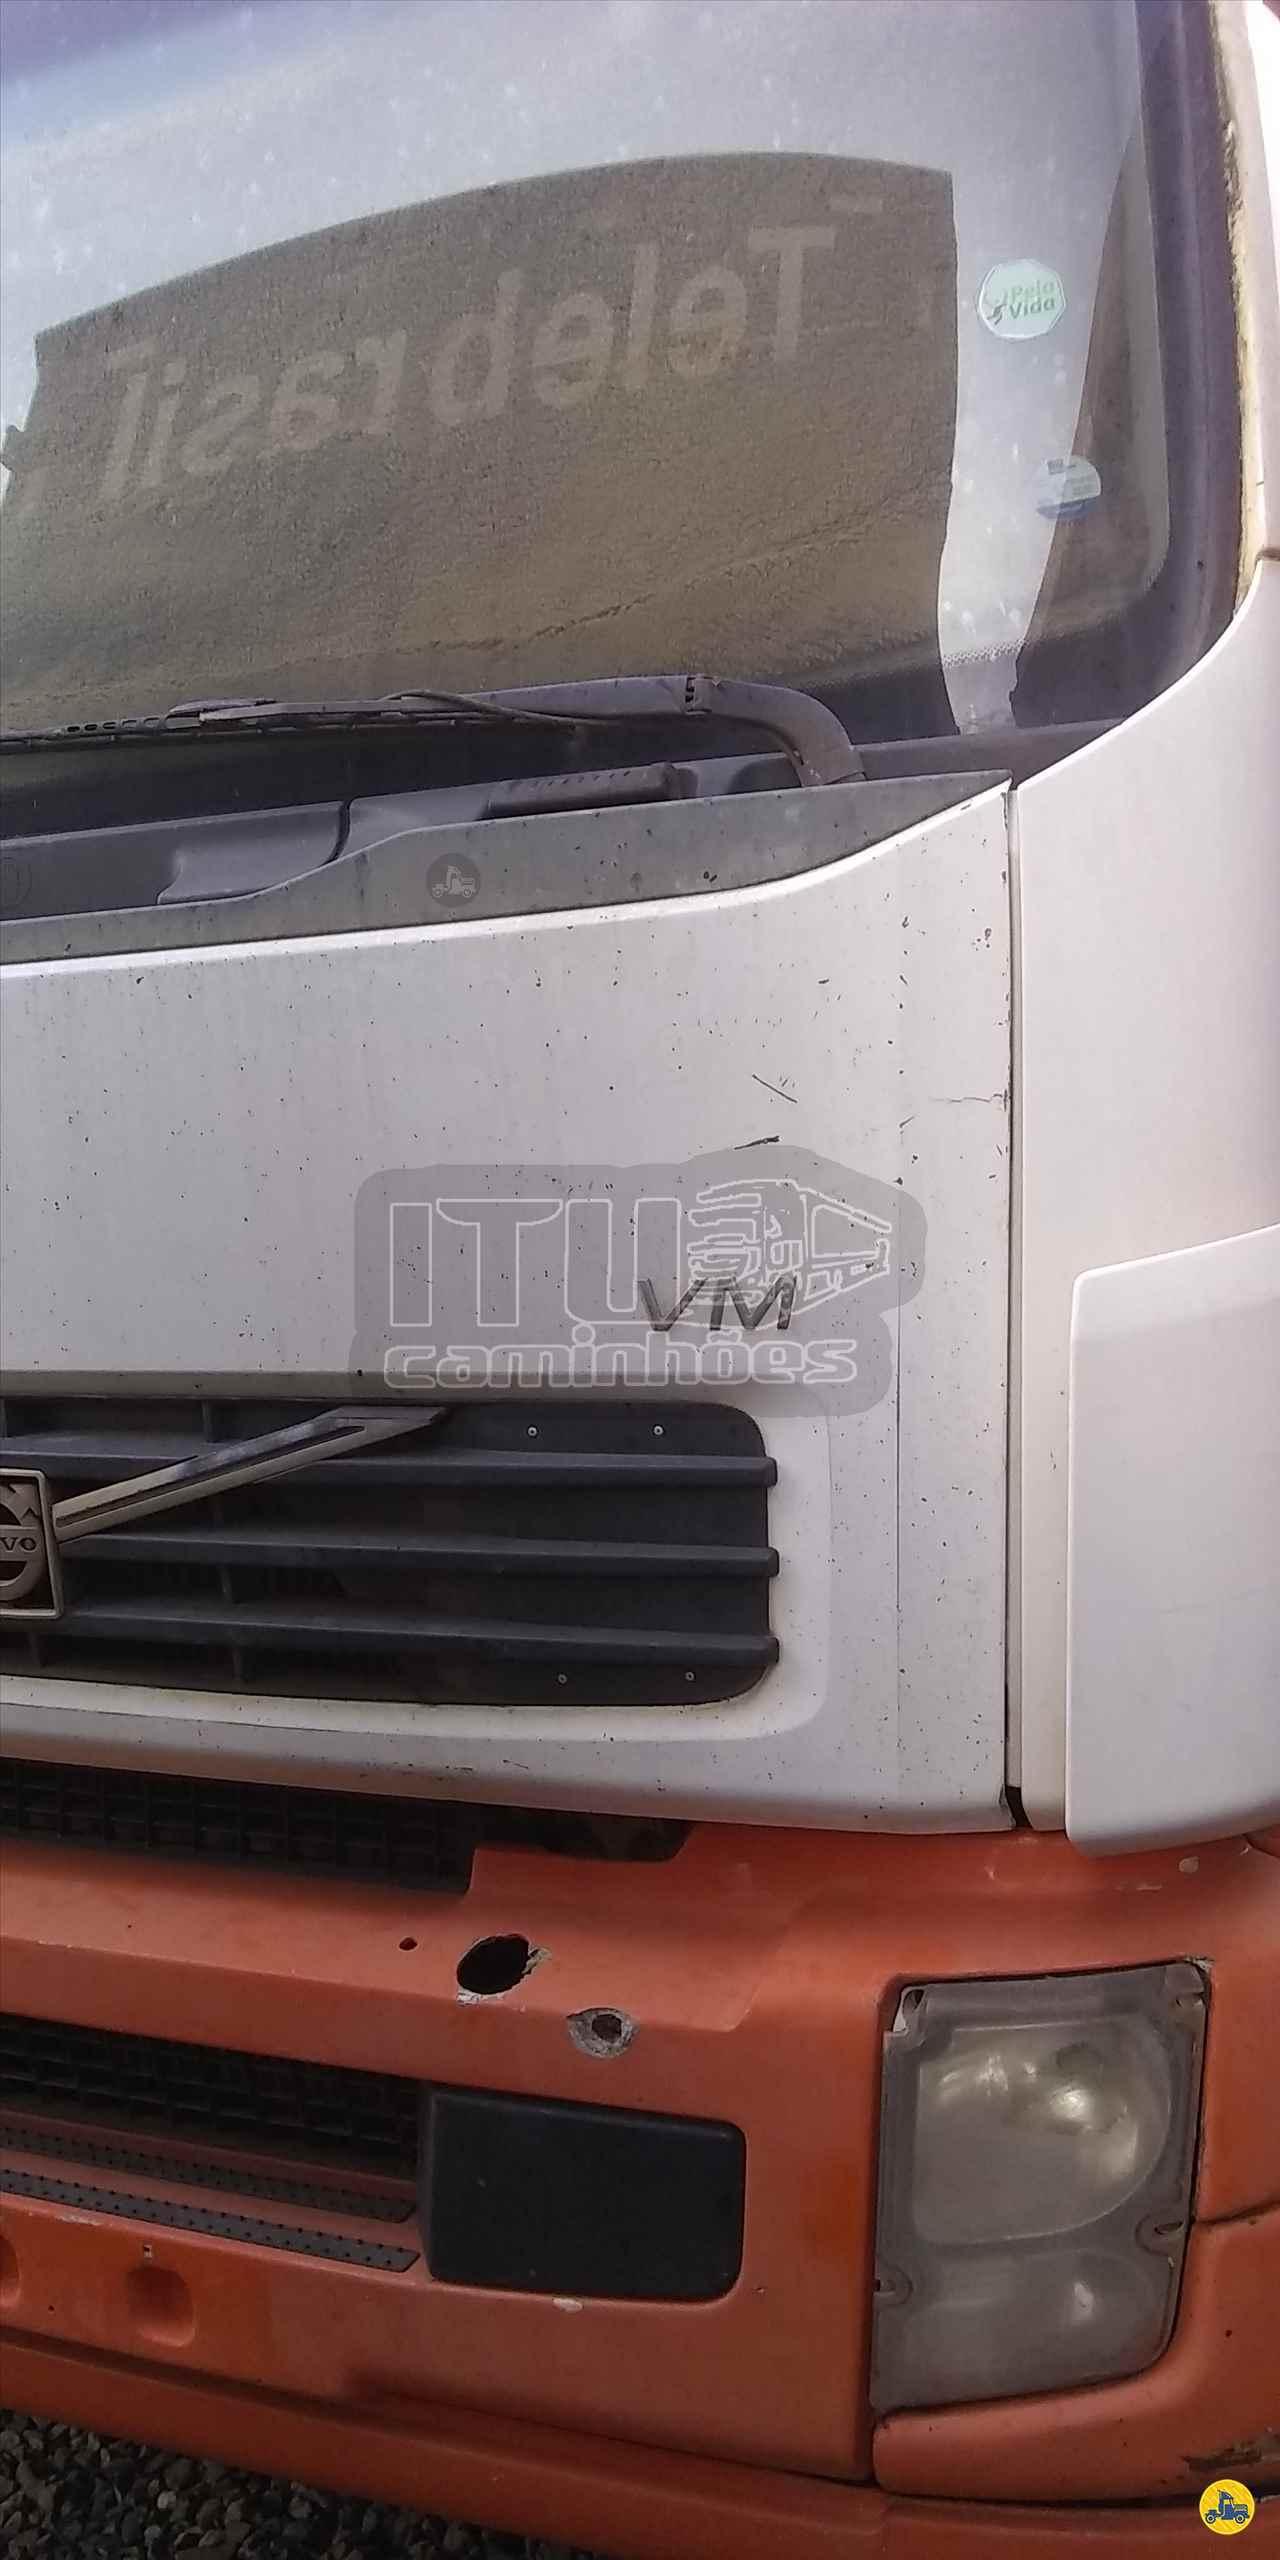 CAMINHAO VOLVO VOLVO VM 210 Cavalo Mecânico Toco 4x2 Itu Caminhoes ITU SÃO PAULO SP